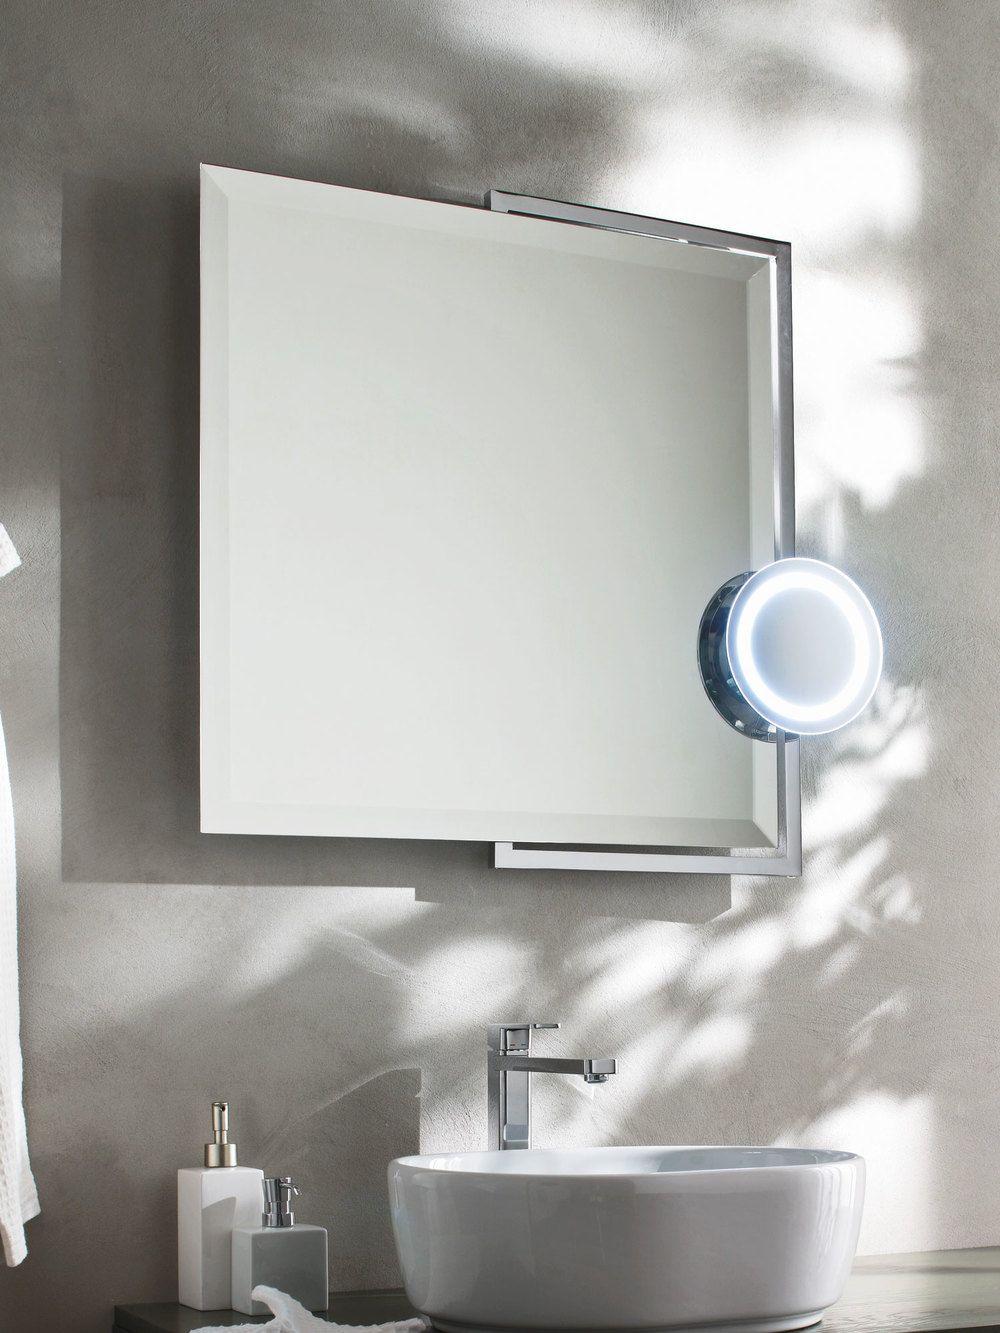 Specchiere Bagno Specchi Specchio Contenitore E Cornici